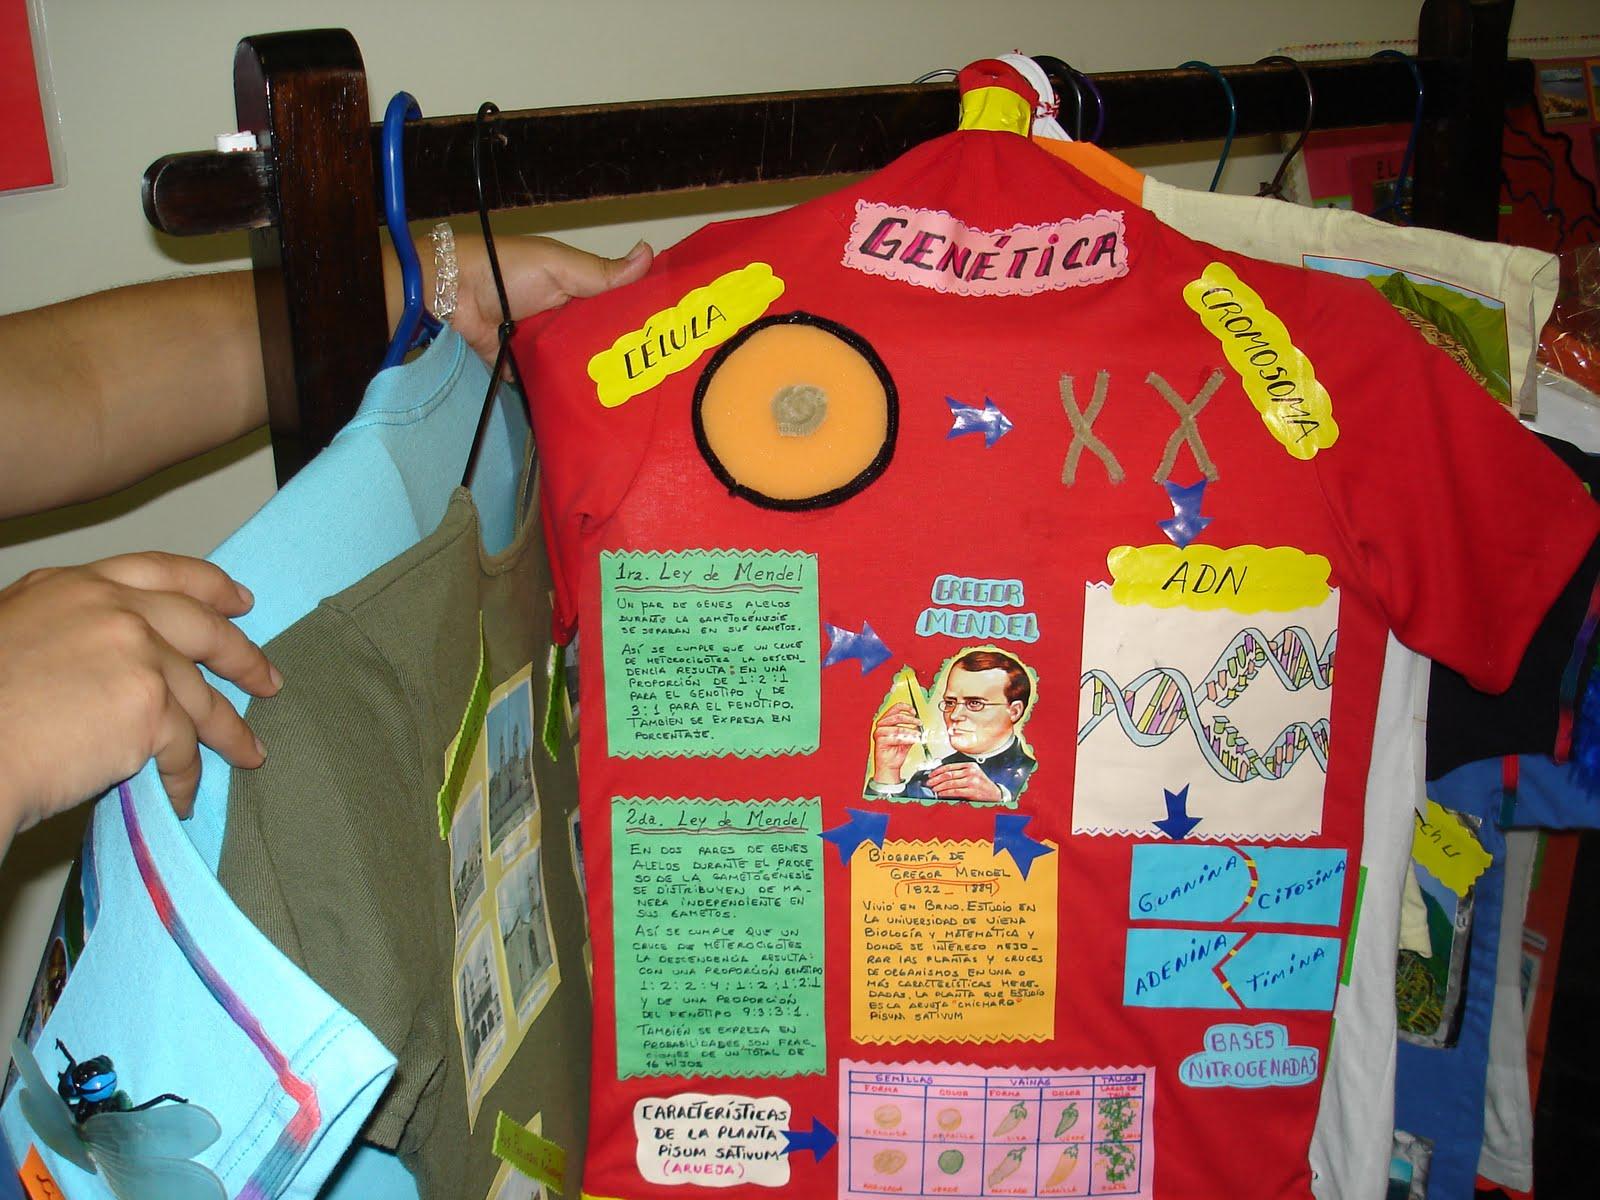 JULIO BIOQUÍMICA: EL RECICLAJE: actividades en el hogar y la escuela